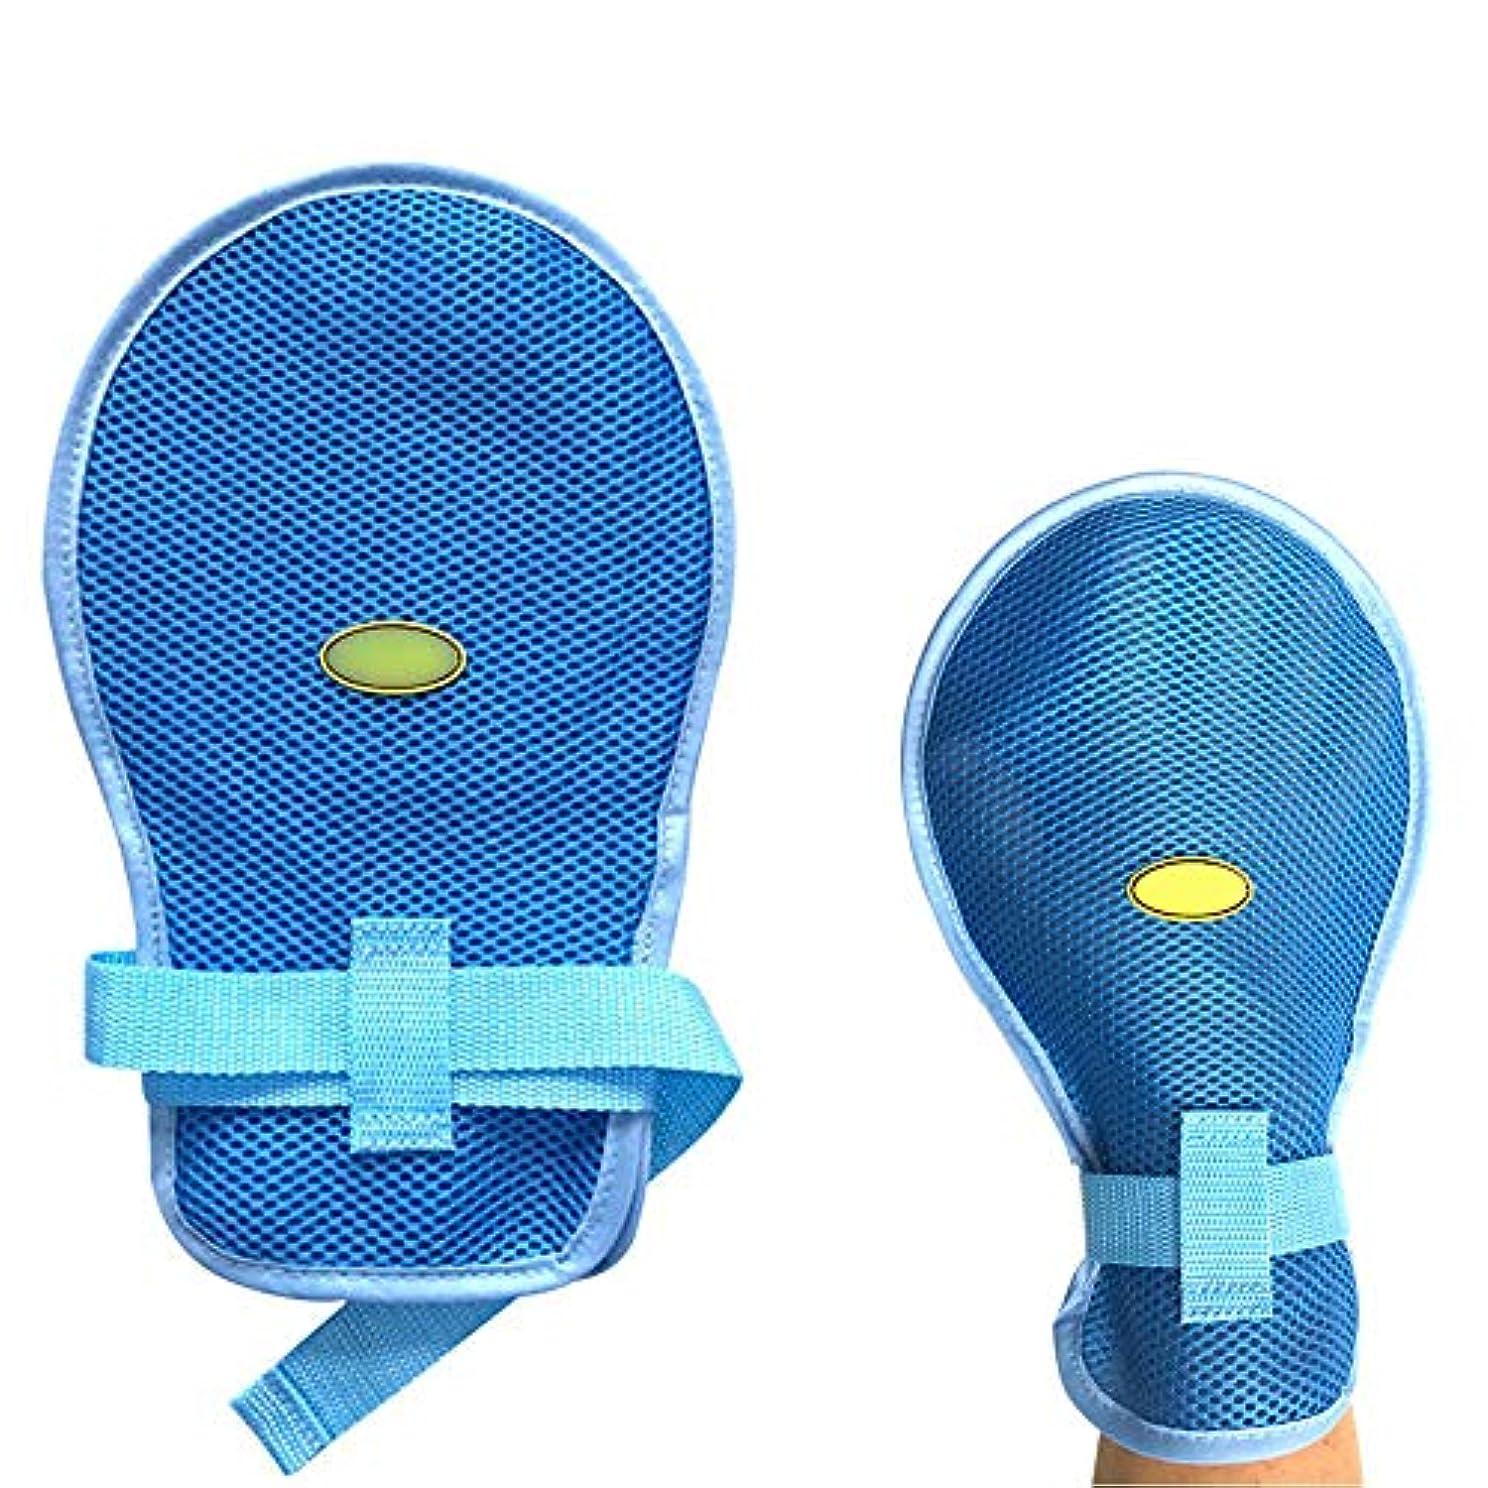 ベアリングフットボール見落とす高齢者の認知症手袋の安全装置のミット - 個人用手の安全装置 - 自傷防止のための指のコントロールミット(1ペア)